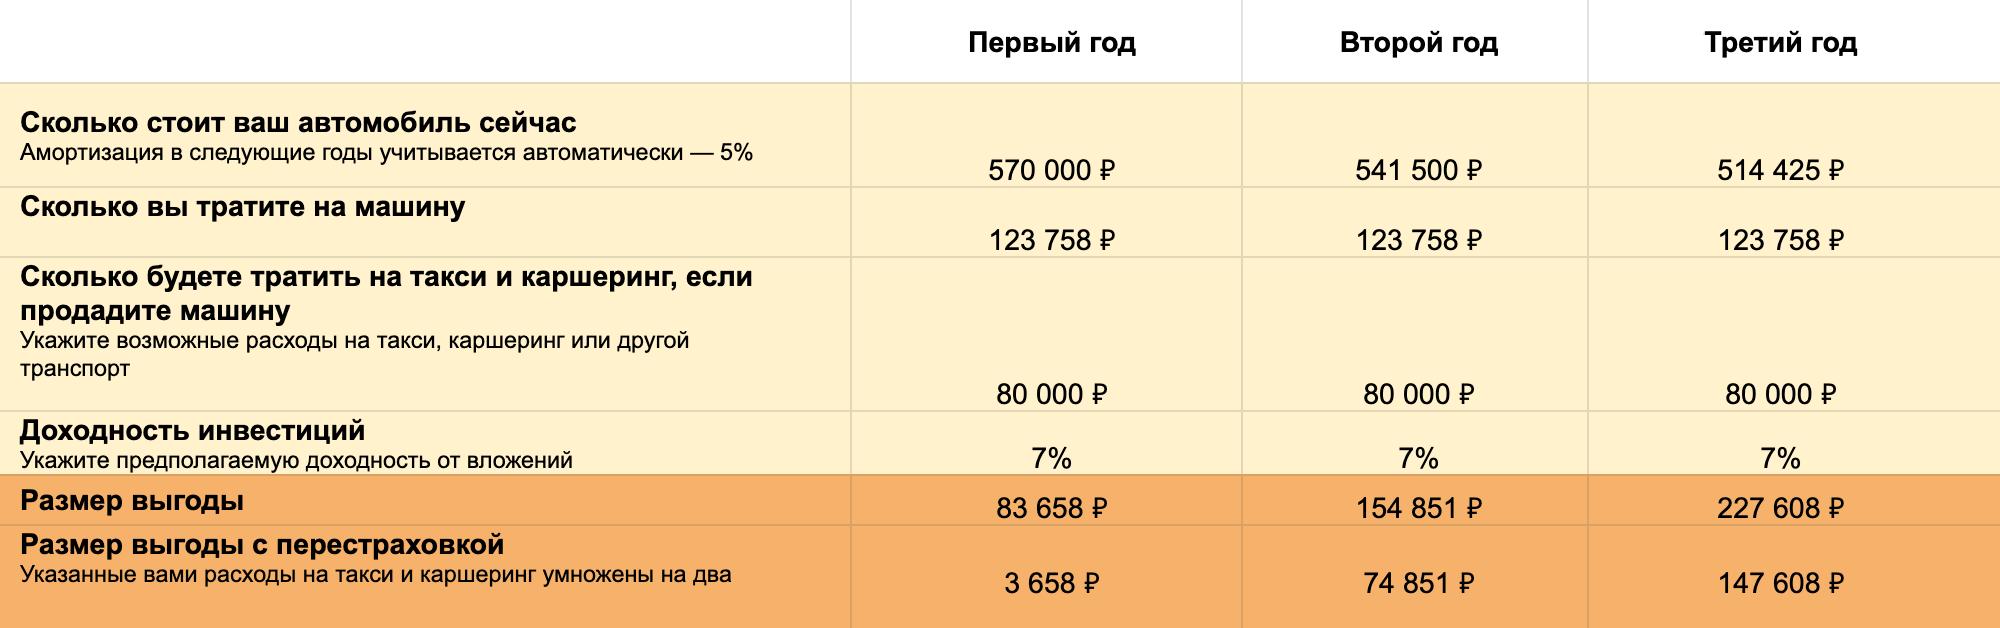 Так выглядит моя таблица рентабельности машины. На ее основе я сделала калькулятор рентабельности